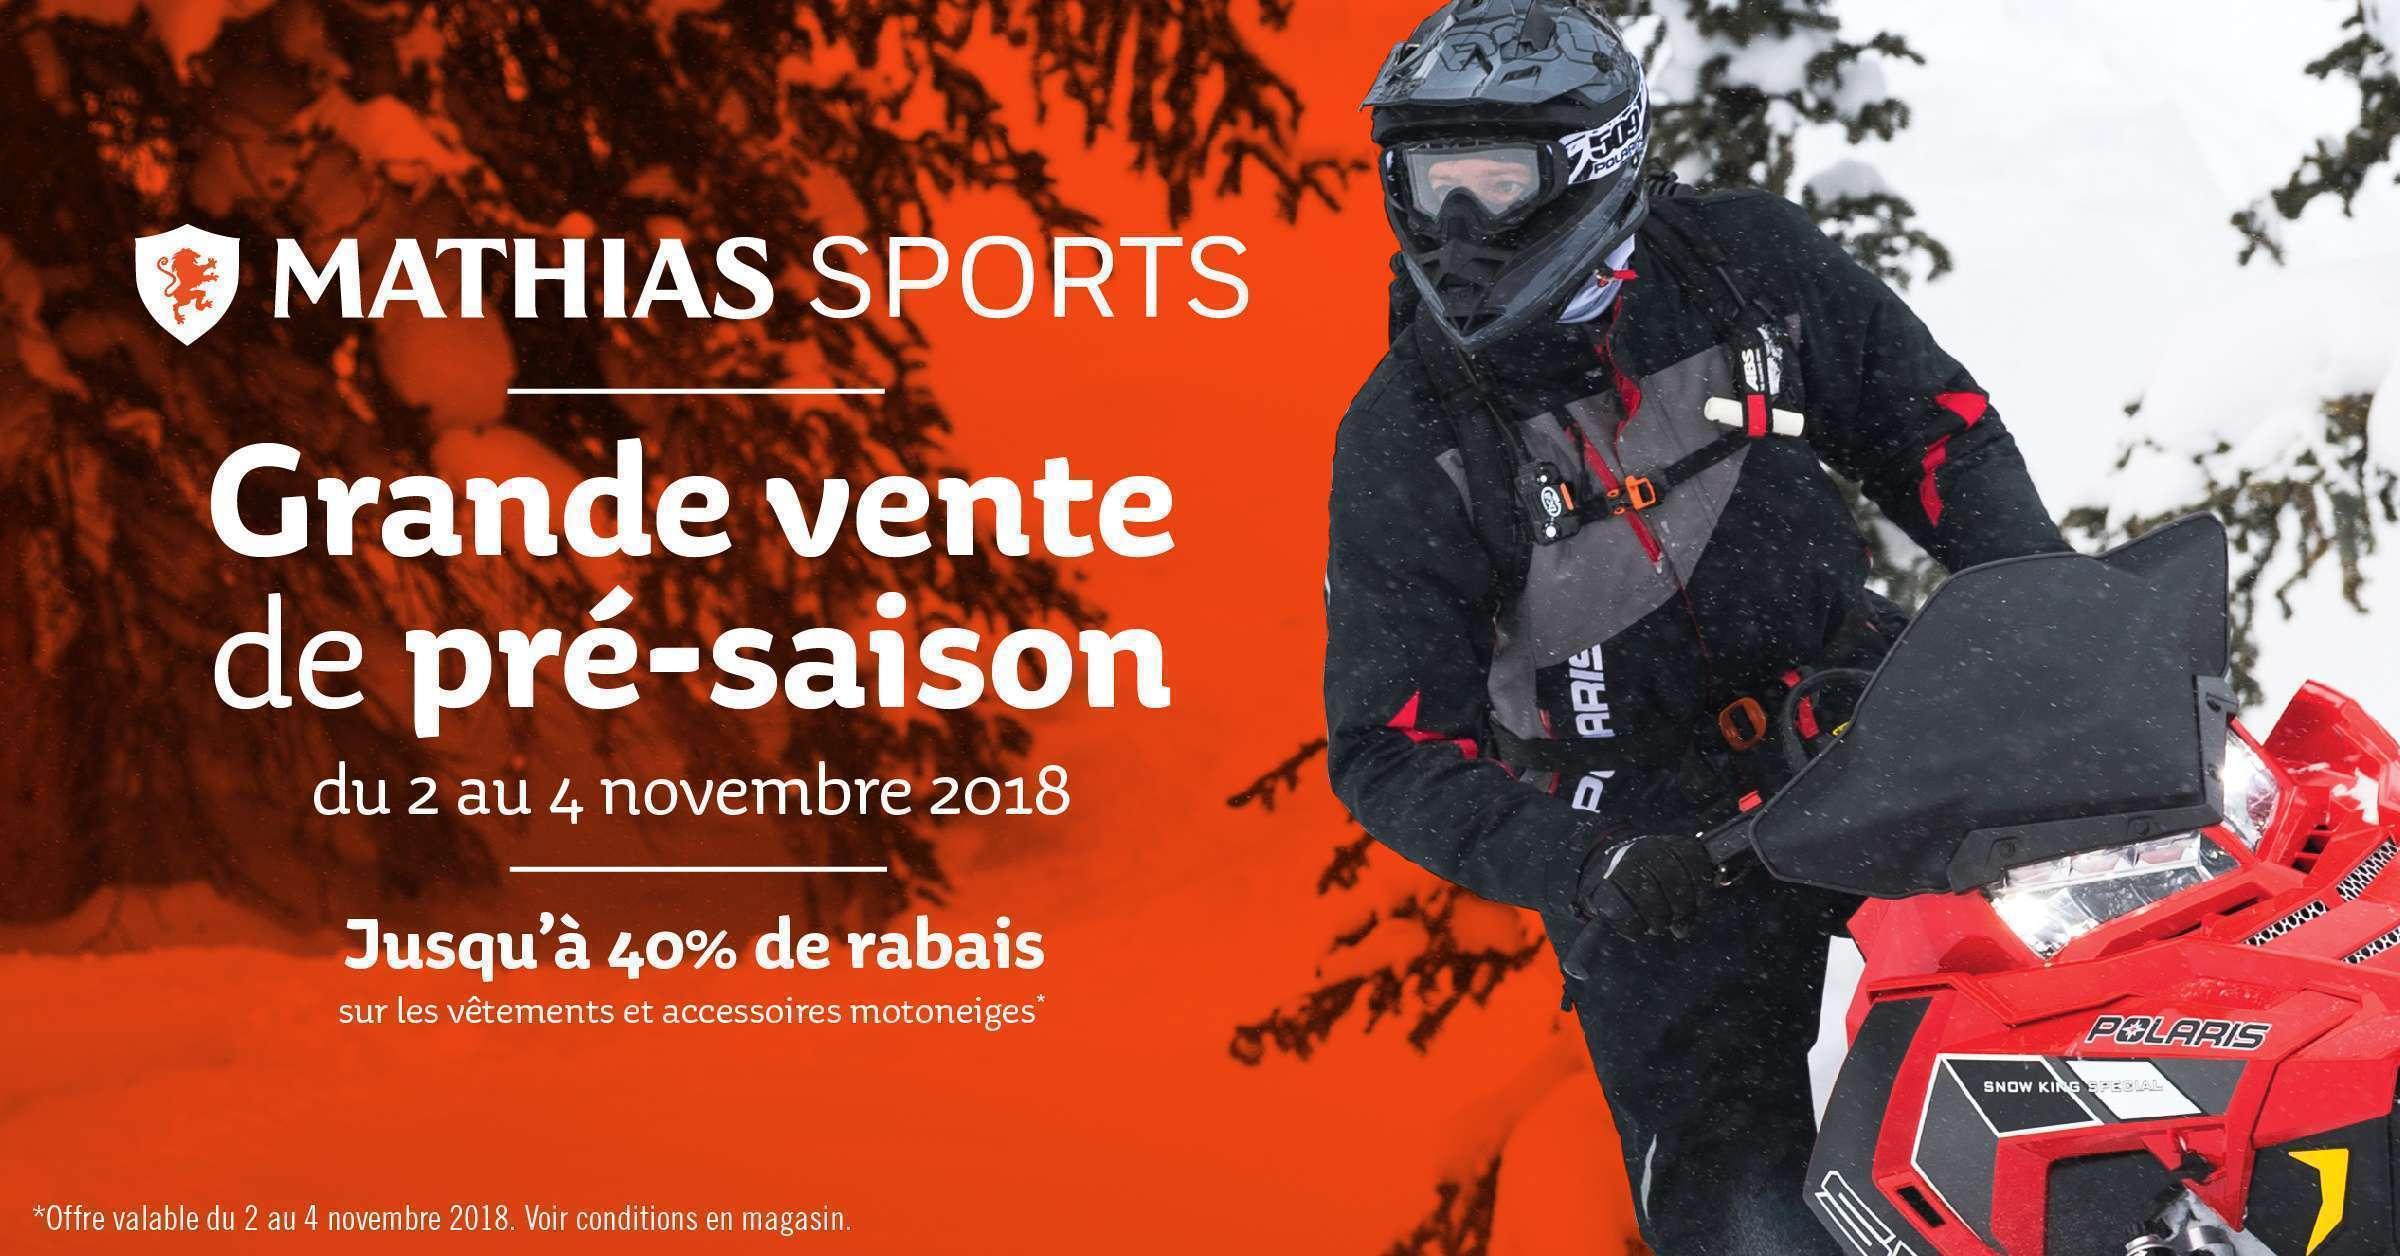 Du 2 au 4 novembre: grande vente de pré-saison sur les vêtements et accessoires pour motoneiges!